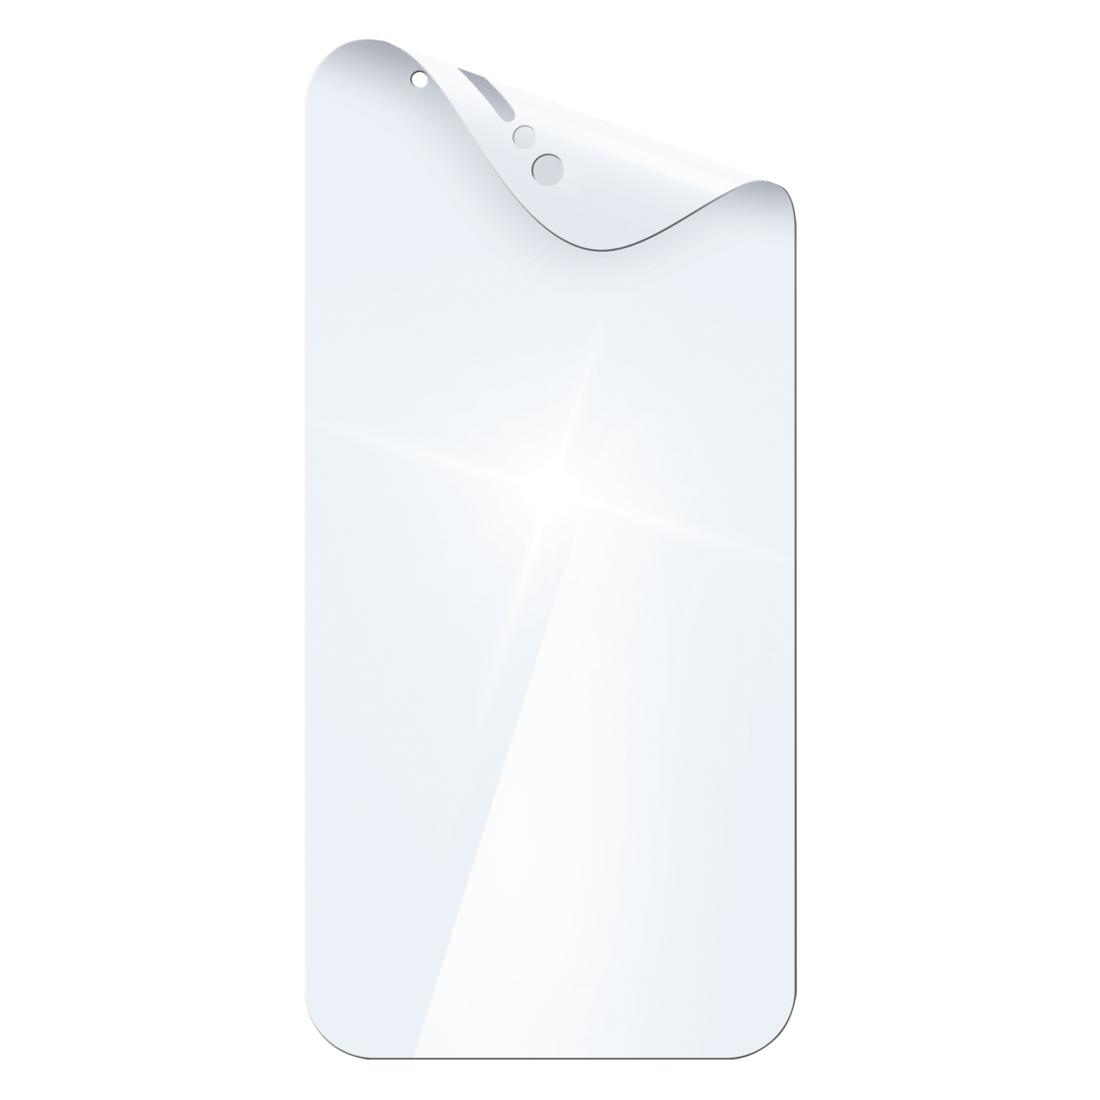 00183454 Hama Display Schutzfolie Crystal Clear Für Apple